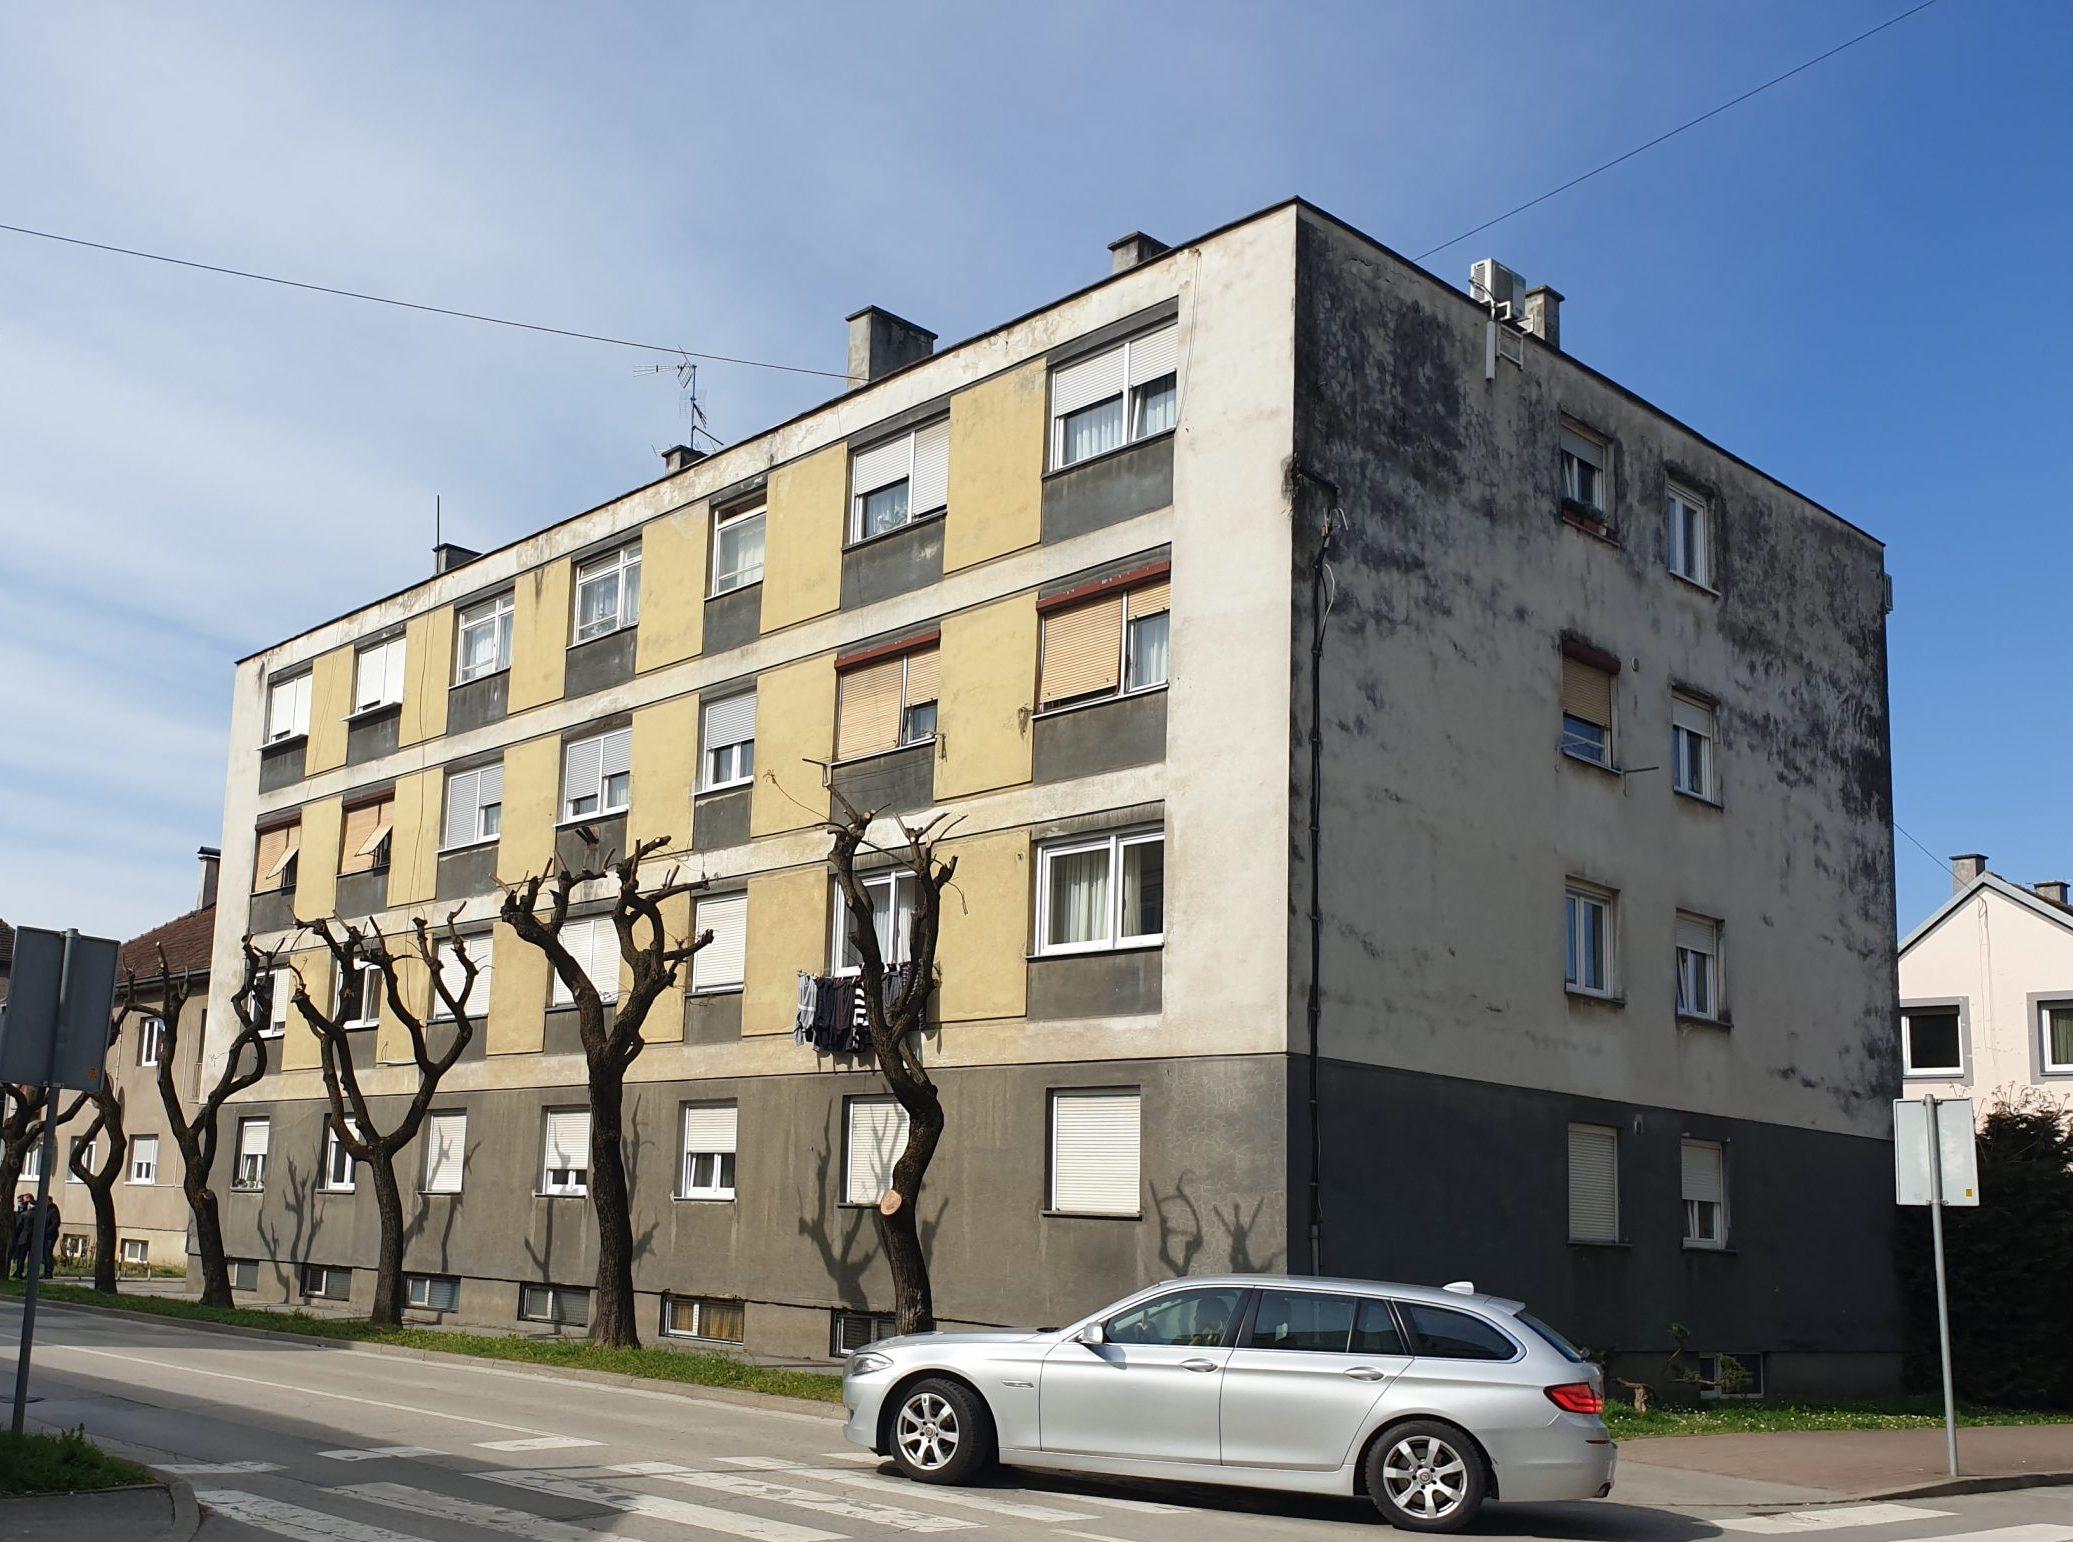 Nastavlja se sufinanciranje pročelja i krovišta u centru Bjelovara